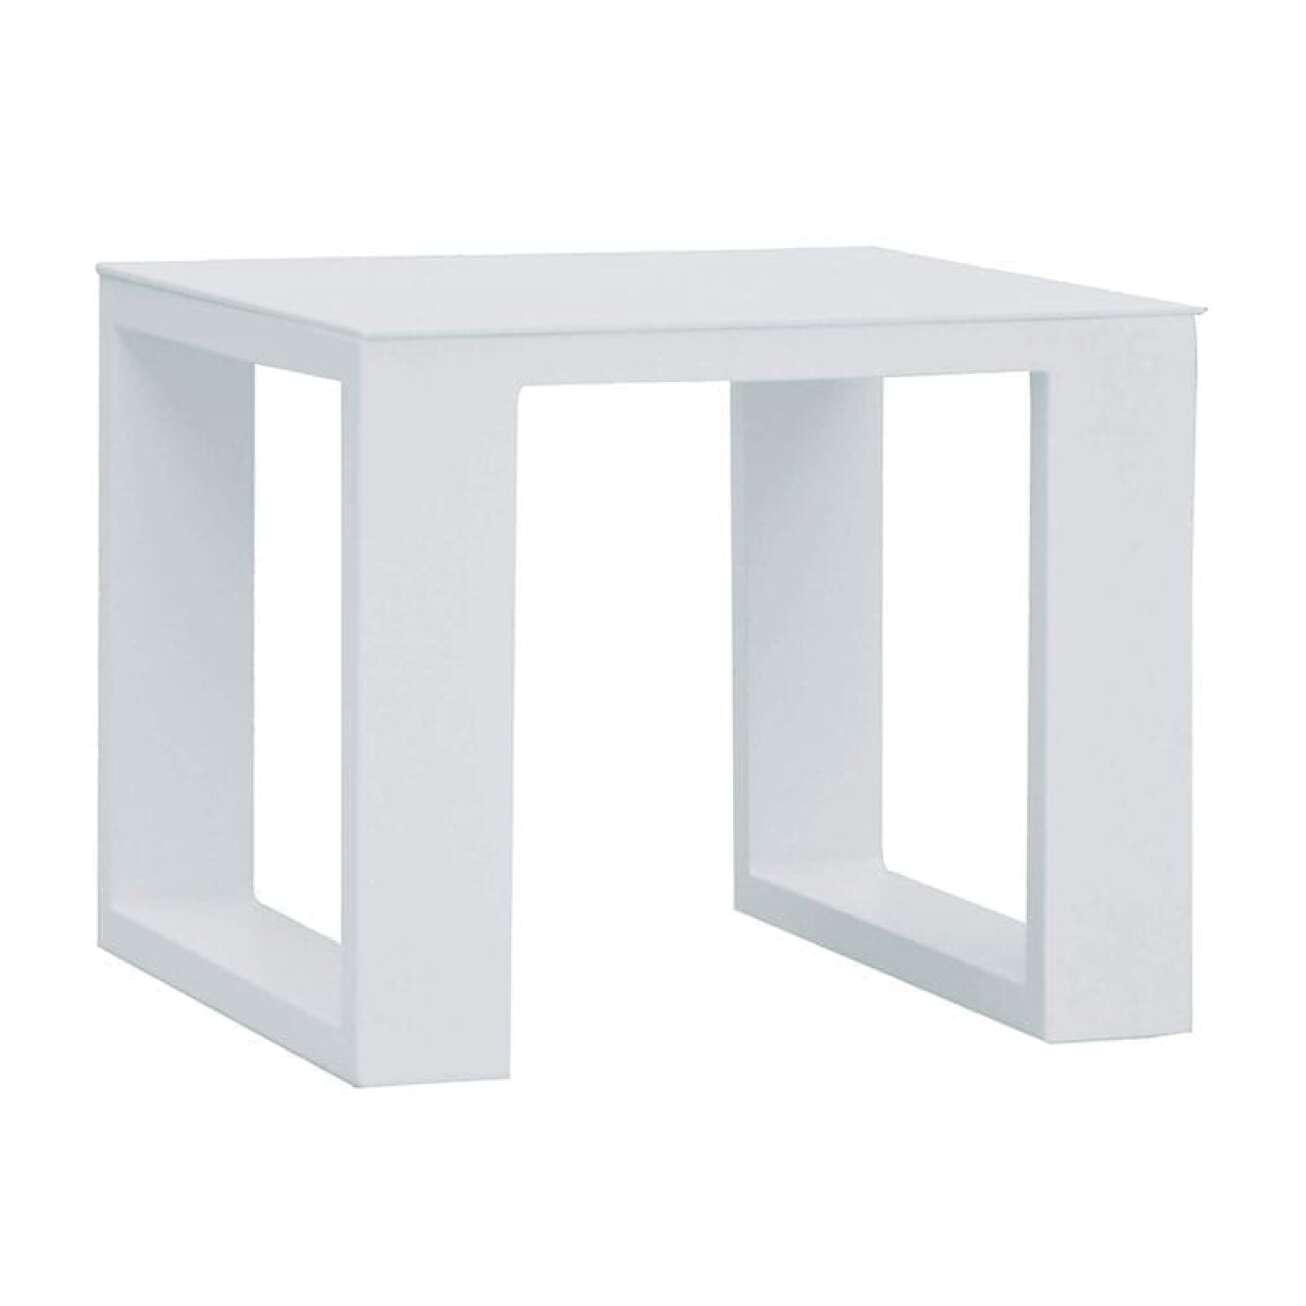 Gardenart Sidebord I Aluminium Hvit (100597hvit) Hagemøbler og utemøbler - Fine design